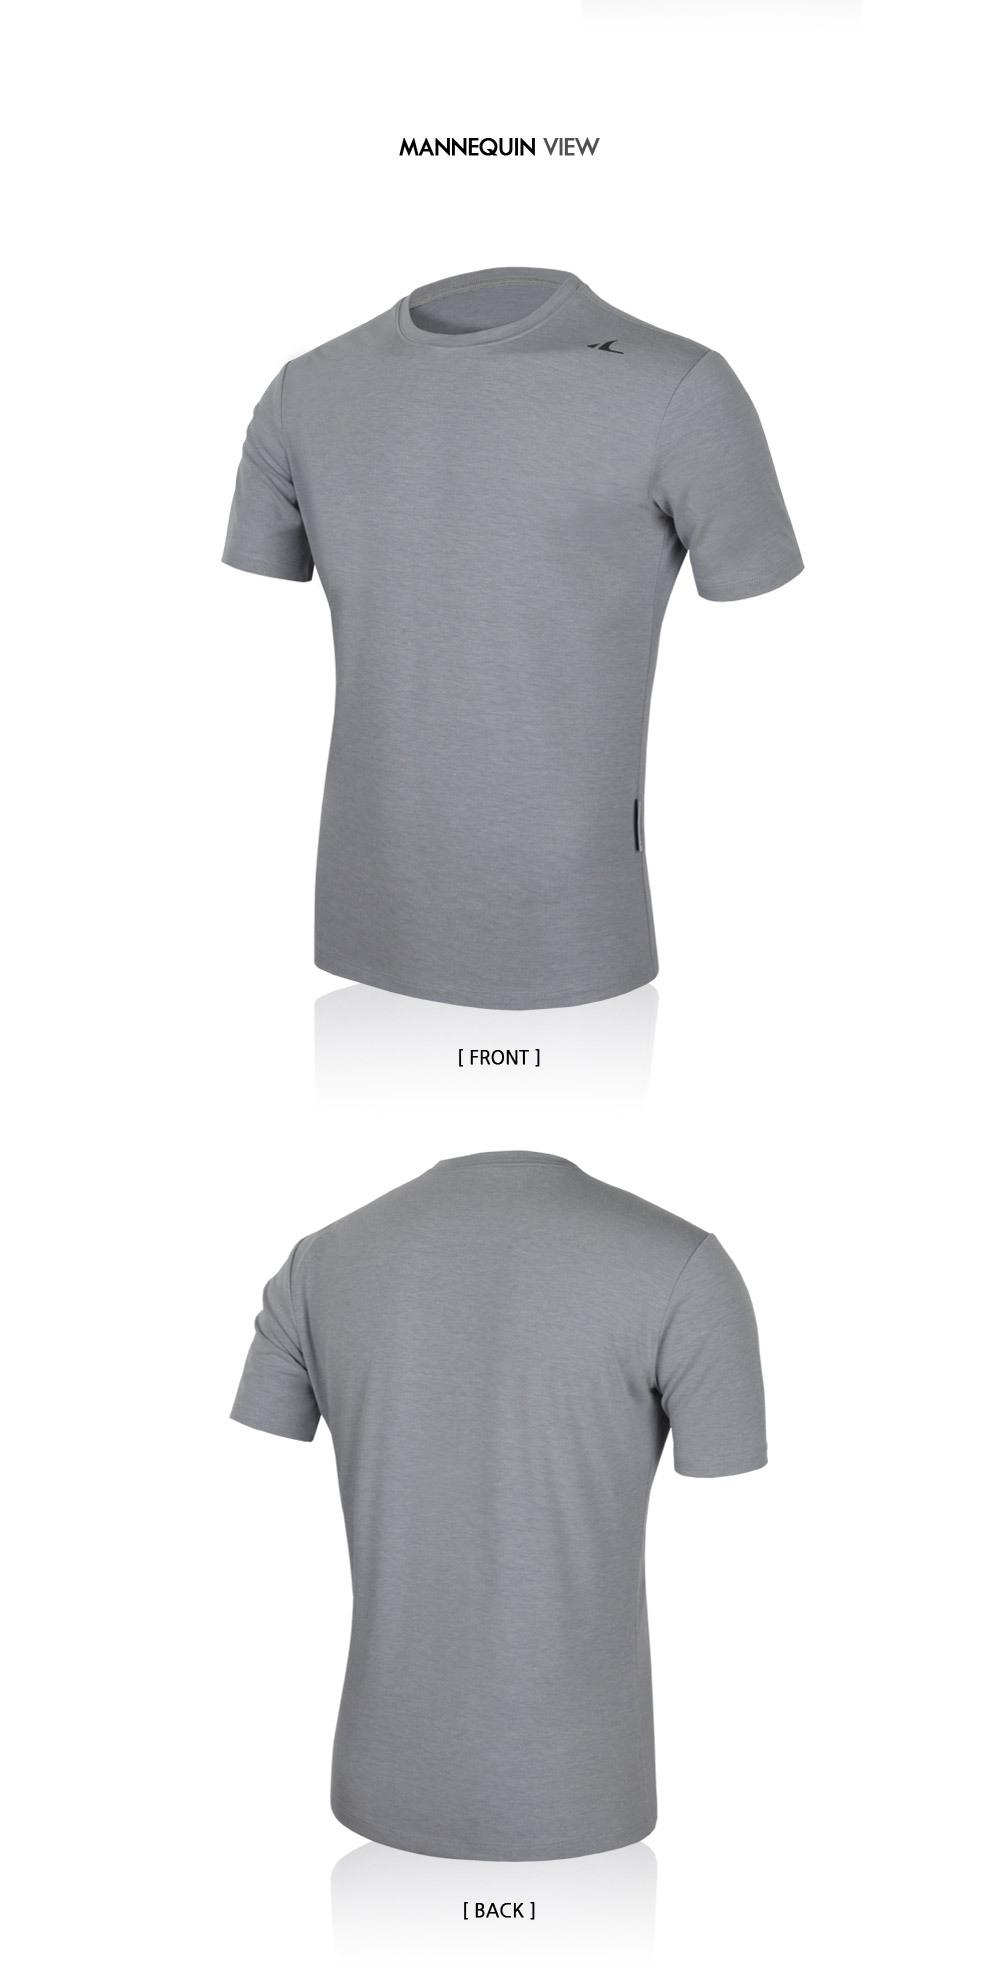 애슬리트(ATHLETE) 남성 고탄력 기능성 스포츠 티셔츠 KOT03 바름 반팔 티셔츠